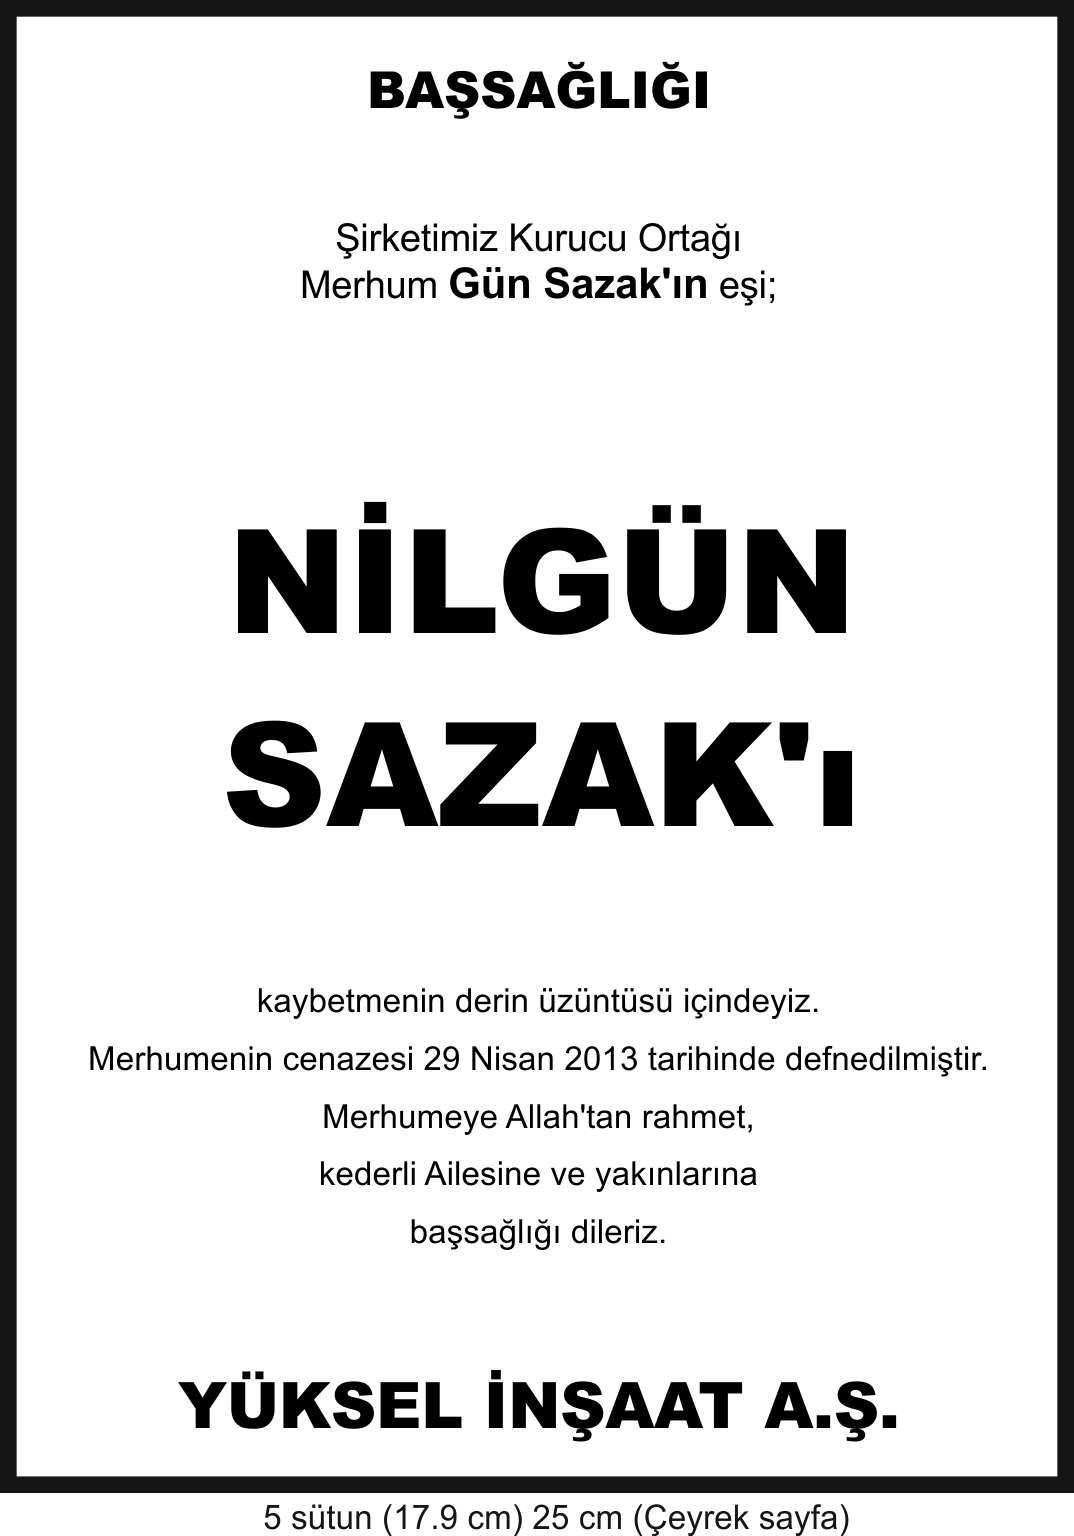 Nilgün Sazak başsağlığı ilanı yüksel inşaat